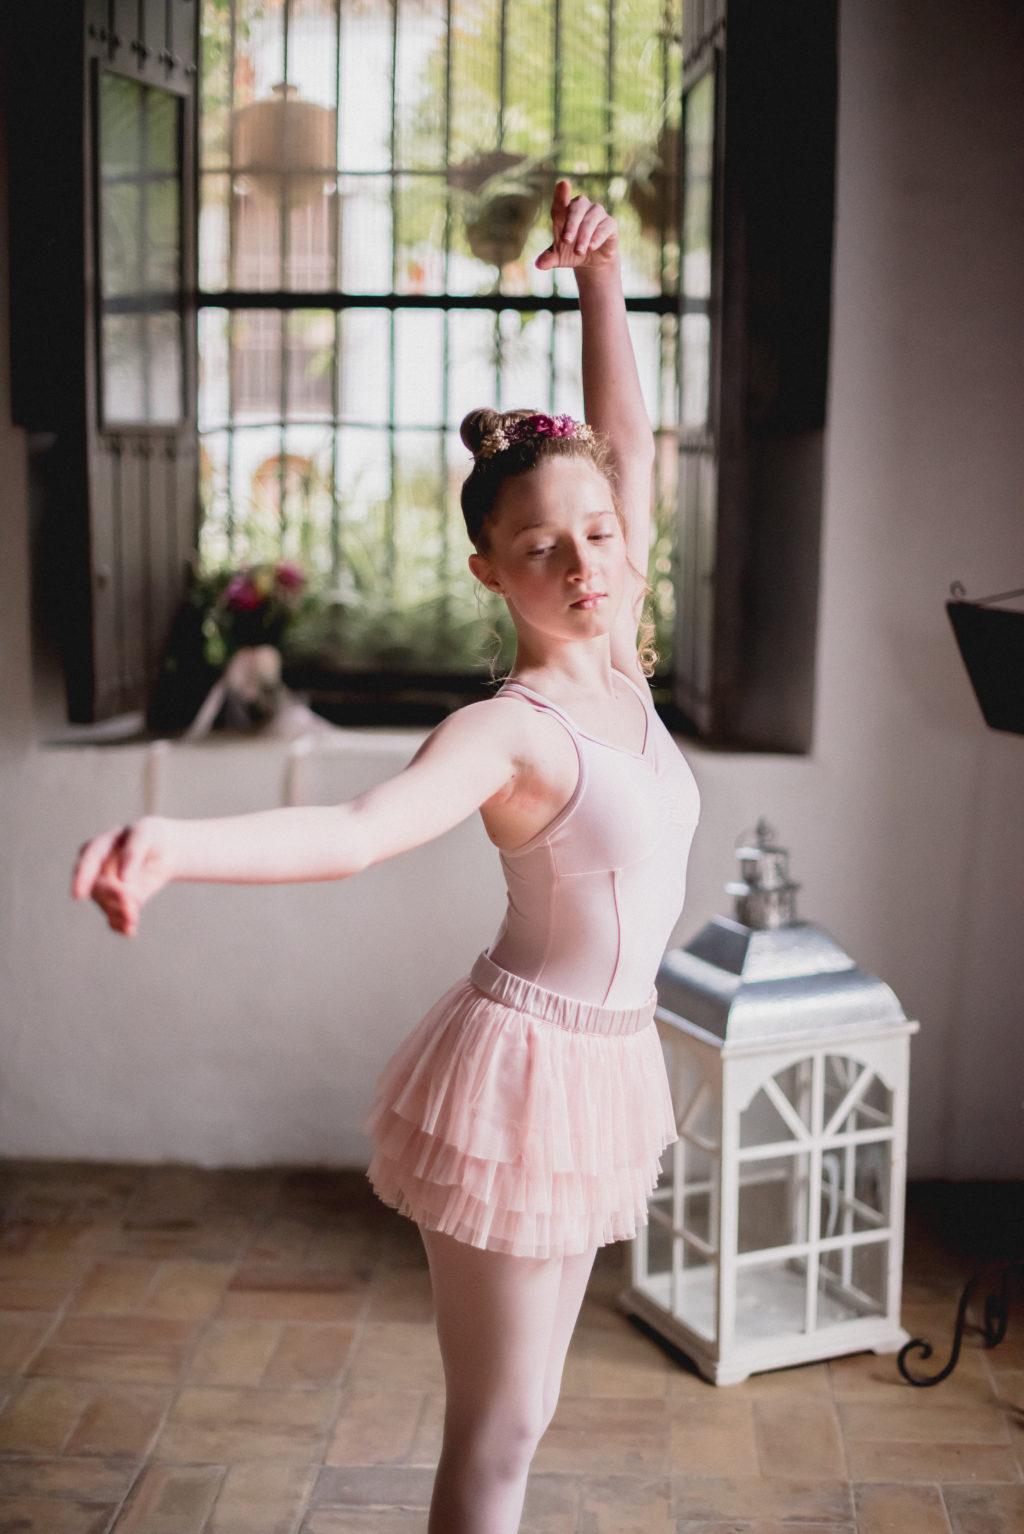 Bailarina 5 - El Sueño de una Novia Bailarina